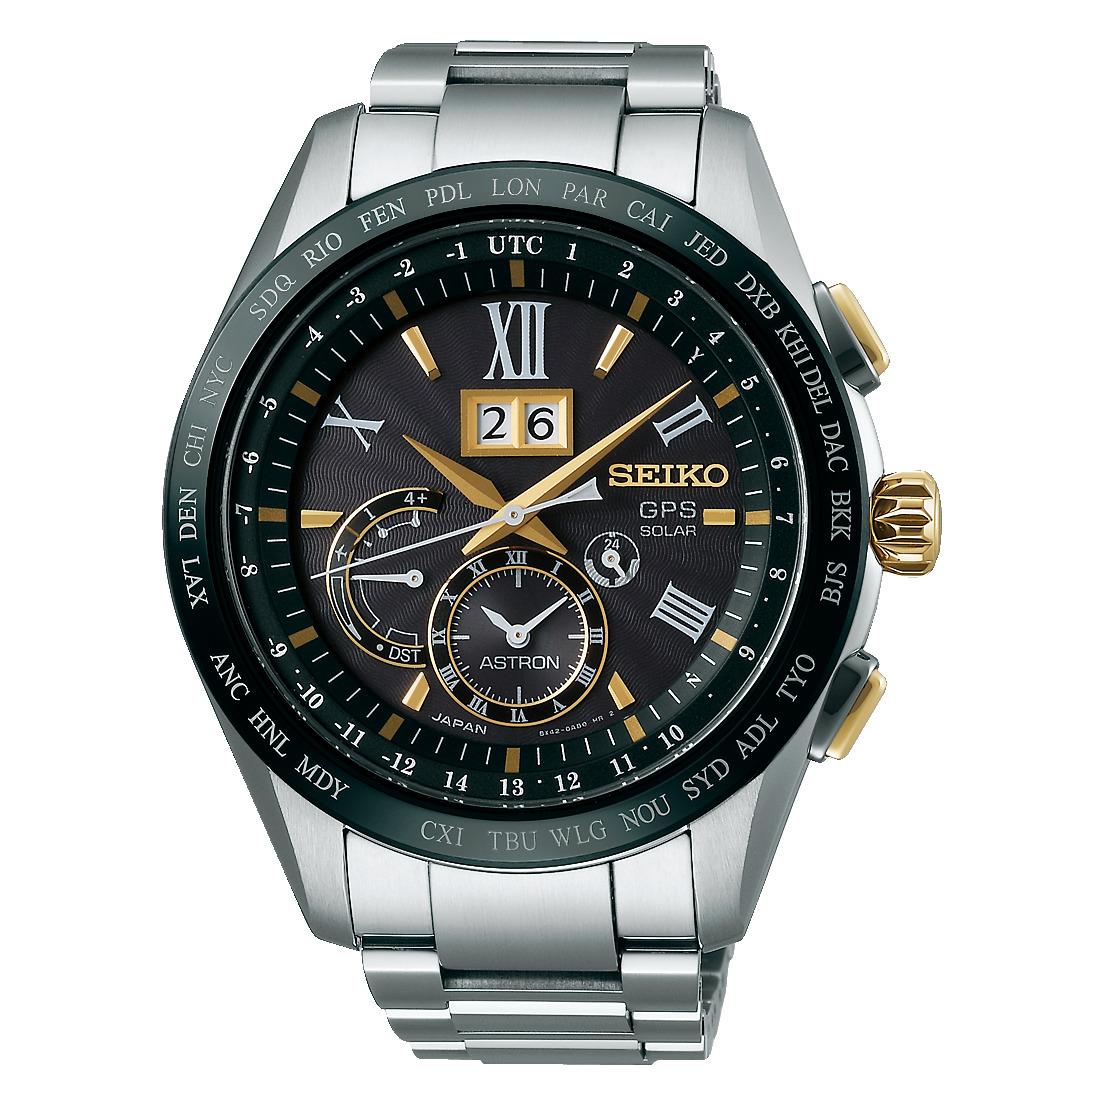 正規品 SEIKO セイコー ASTRON アストロン SBXB139 GPSソーラー ビッグデイト チタンモデル 腕時計